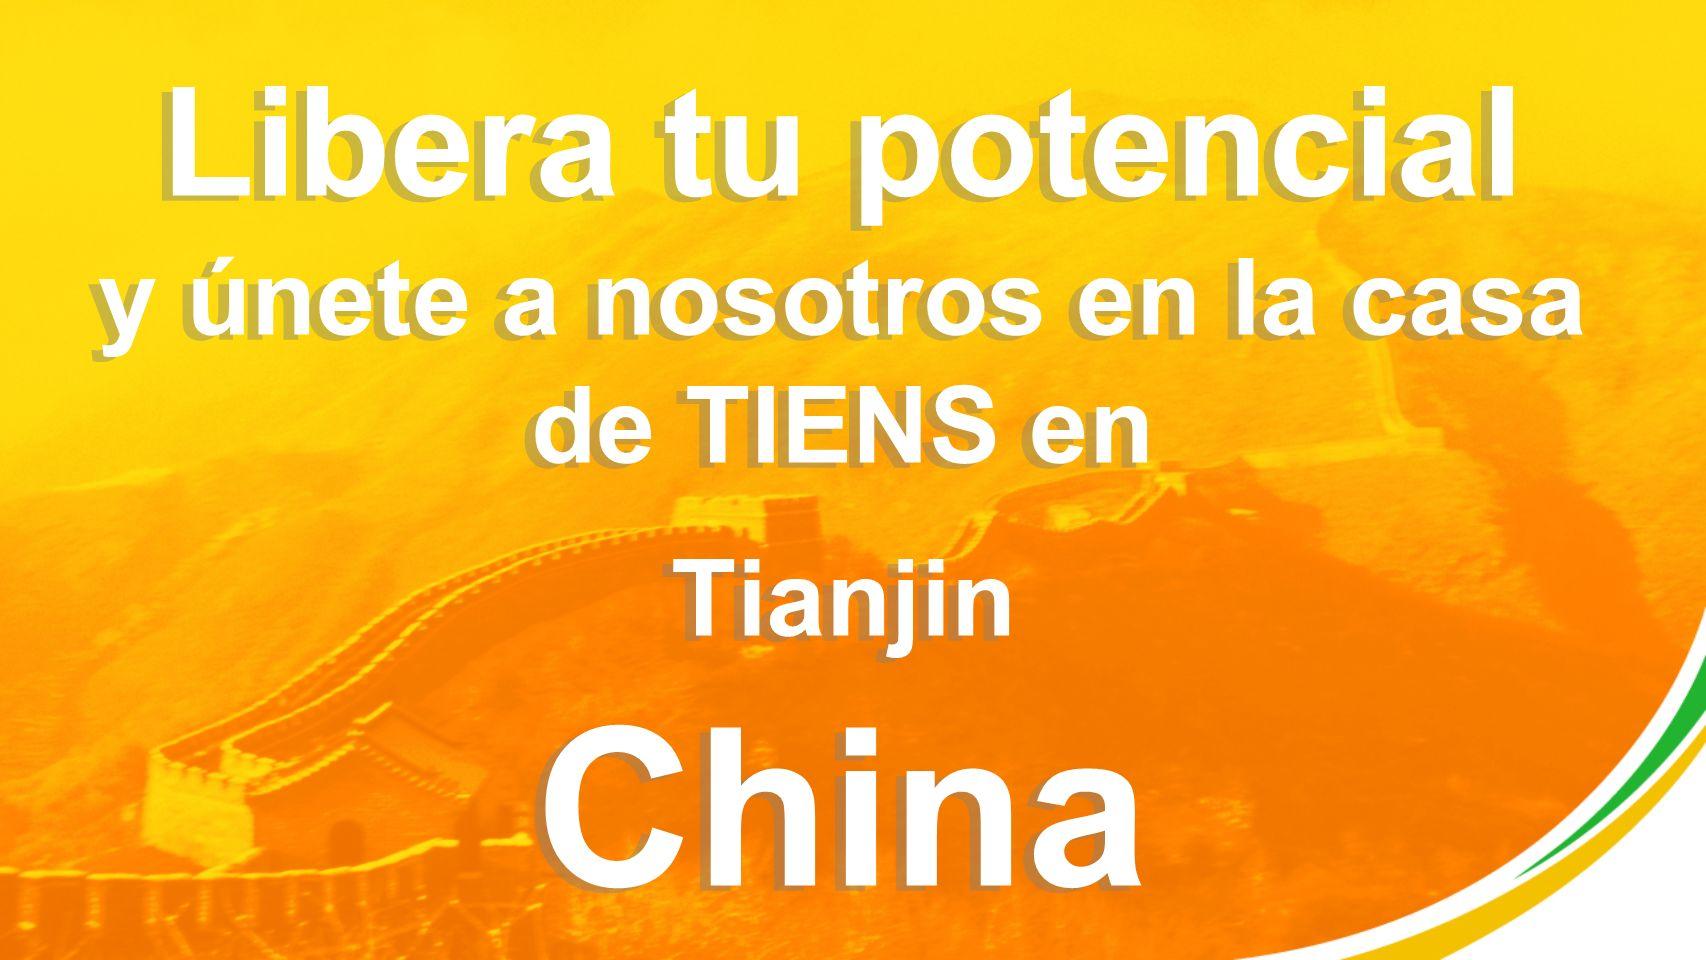 Libera tu potencial y únete a nosotros en la casa de TIENS en Tianjin China